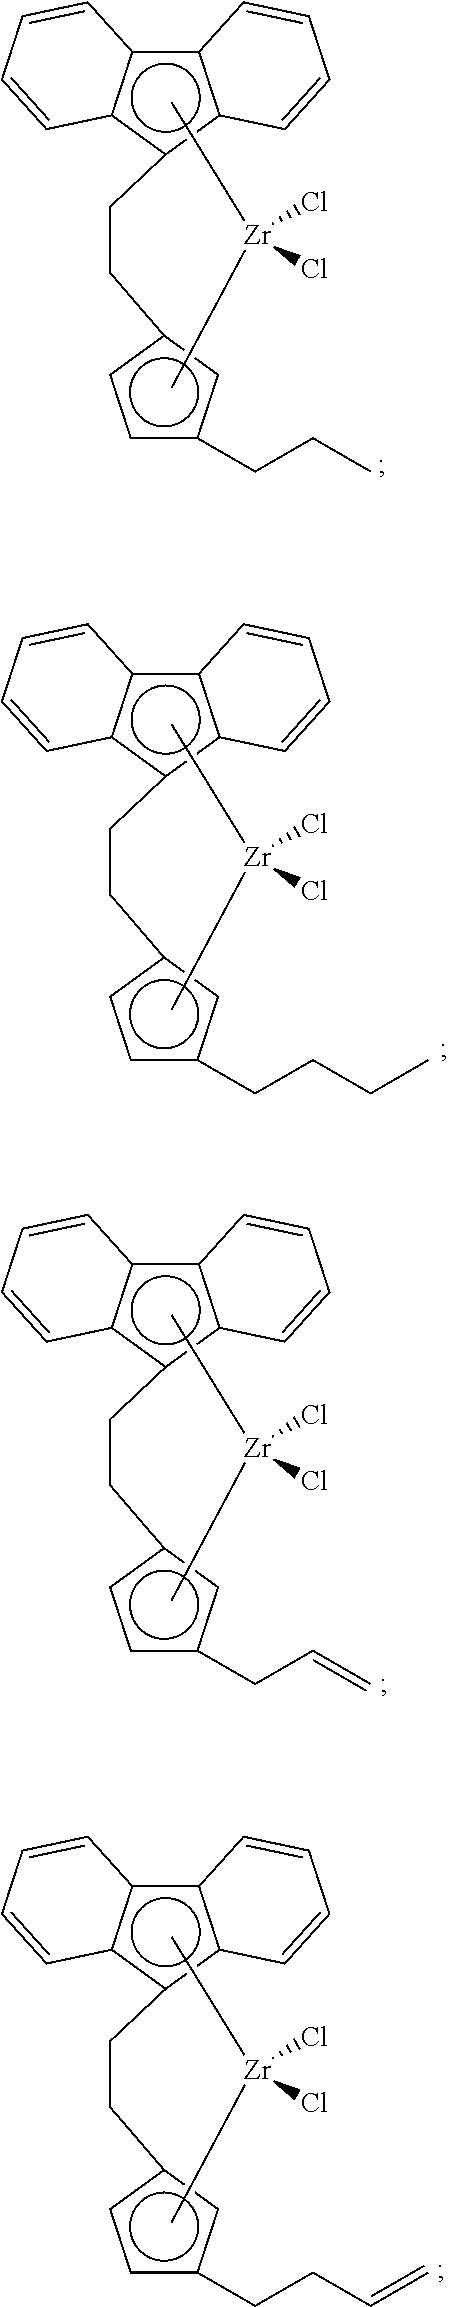 Figure US08501654-20130806-C00024